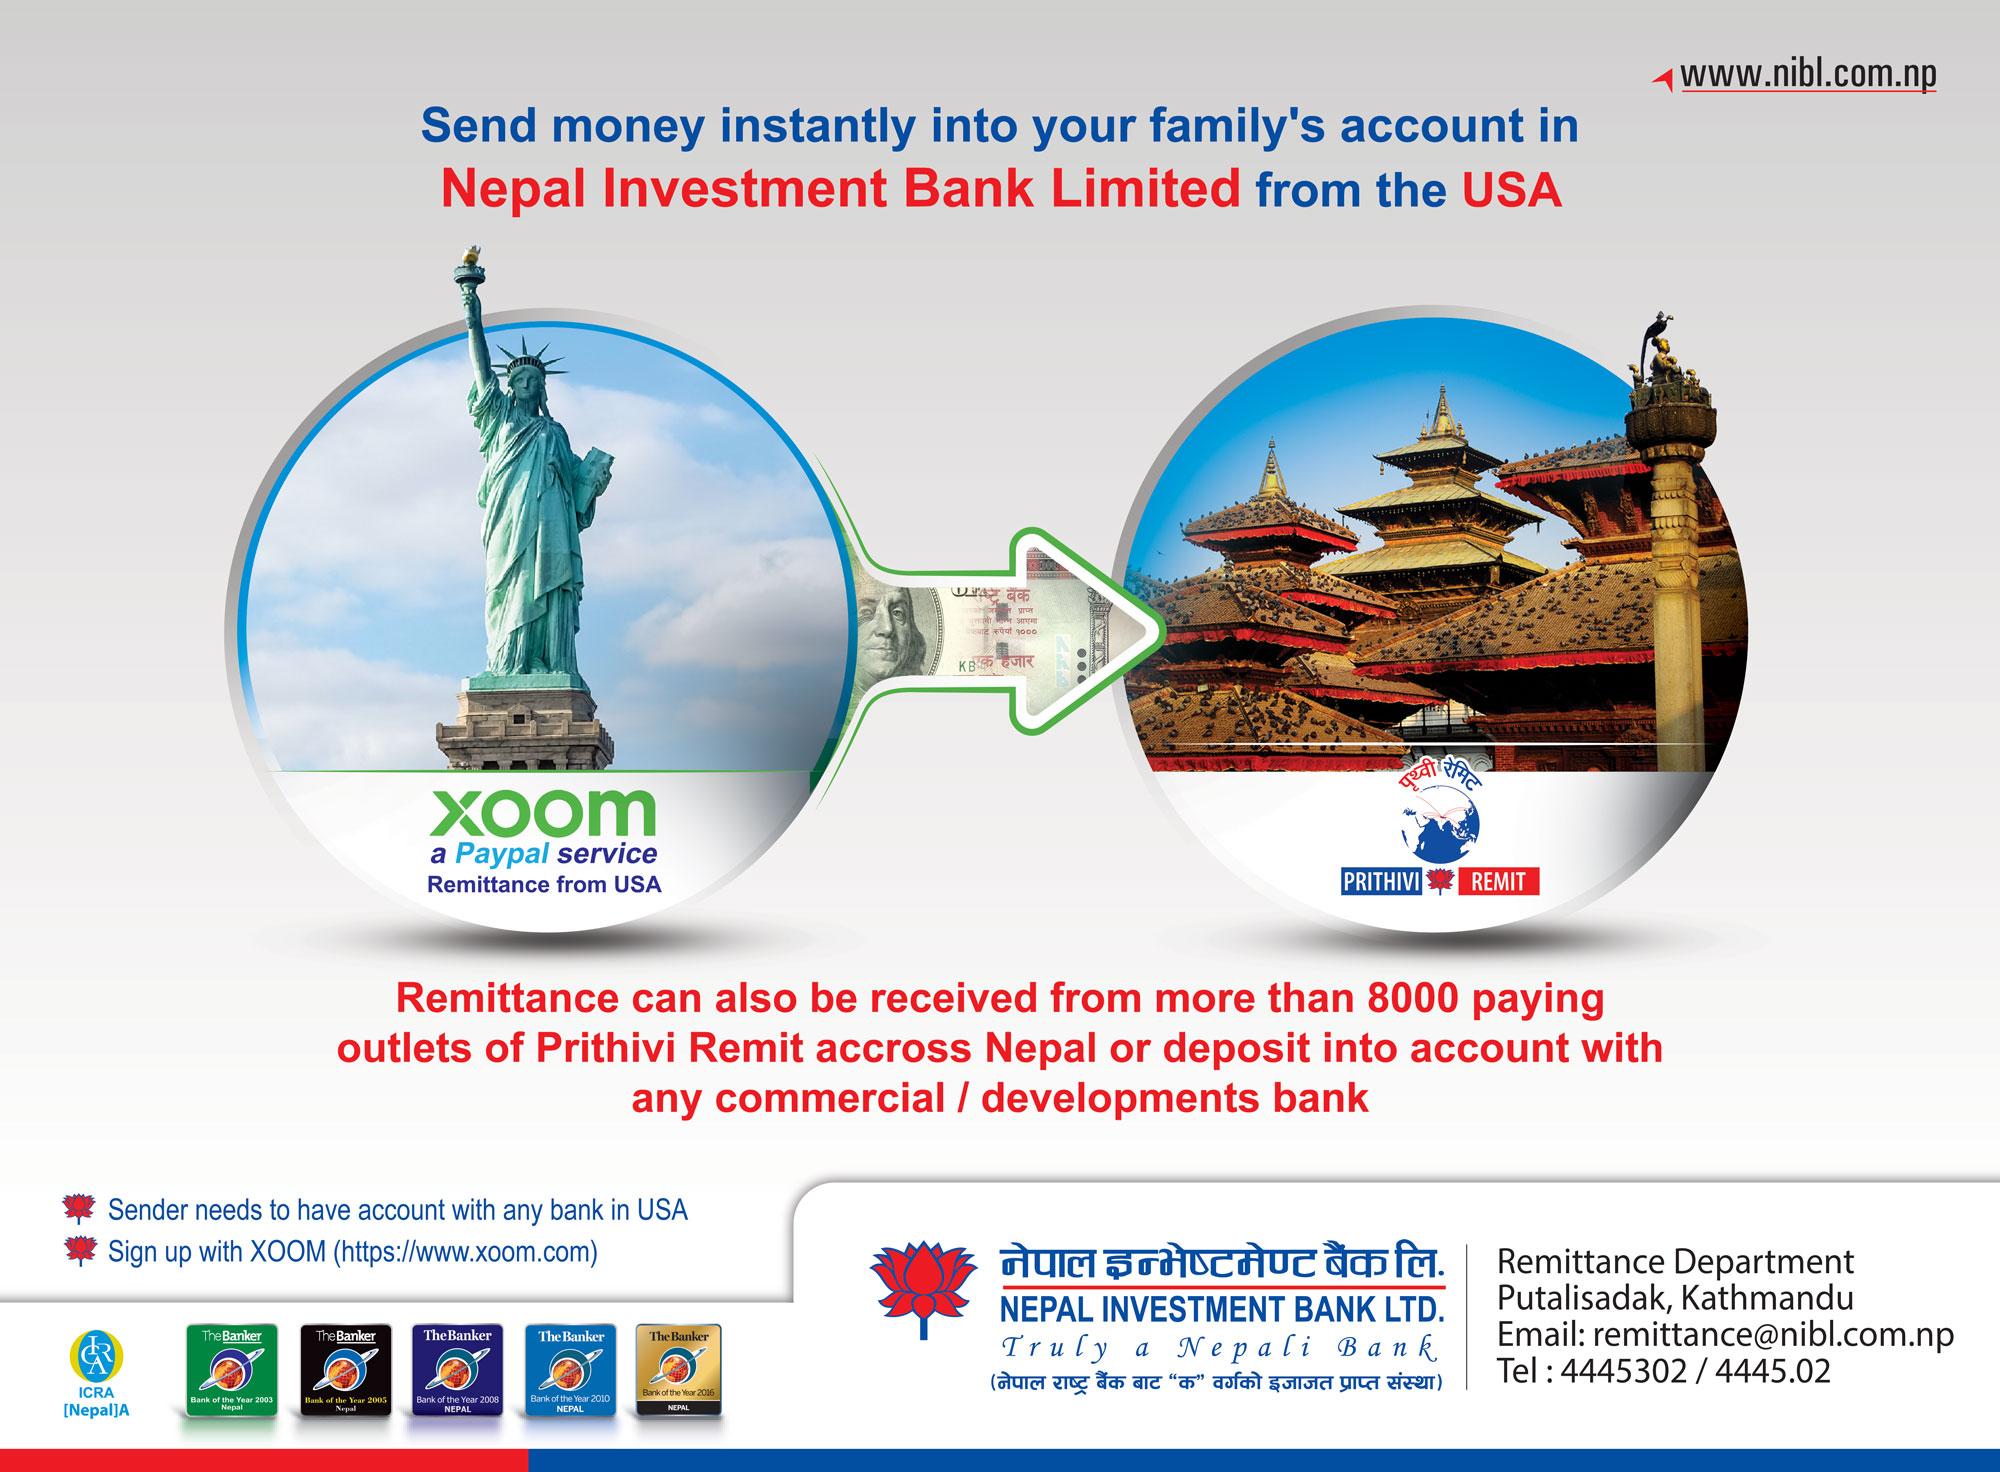 अमेरिकाबाट पैसा पठाउन नेपाल इन्भेष्टमेण्ट बैंकद्वारा विप्रेषण सेवाको सुरुवात